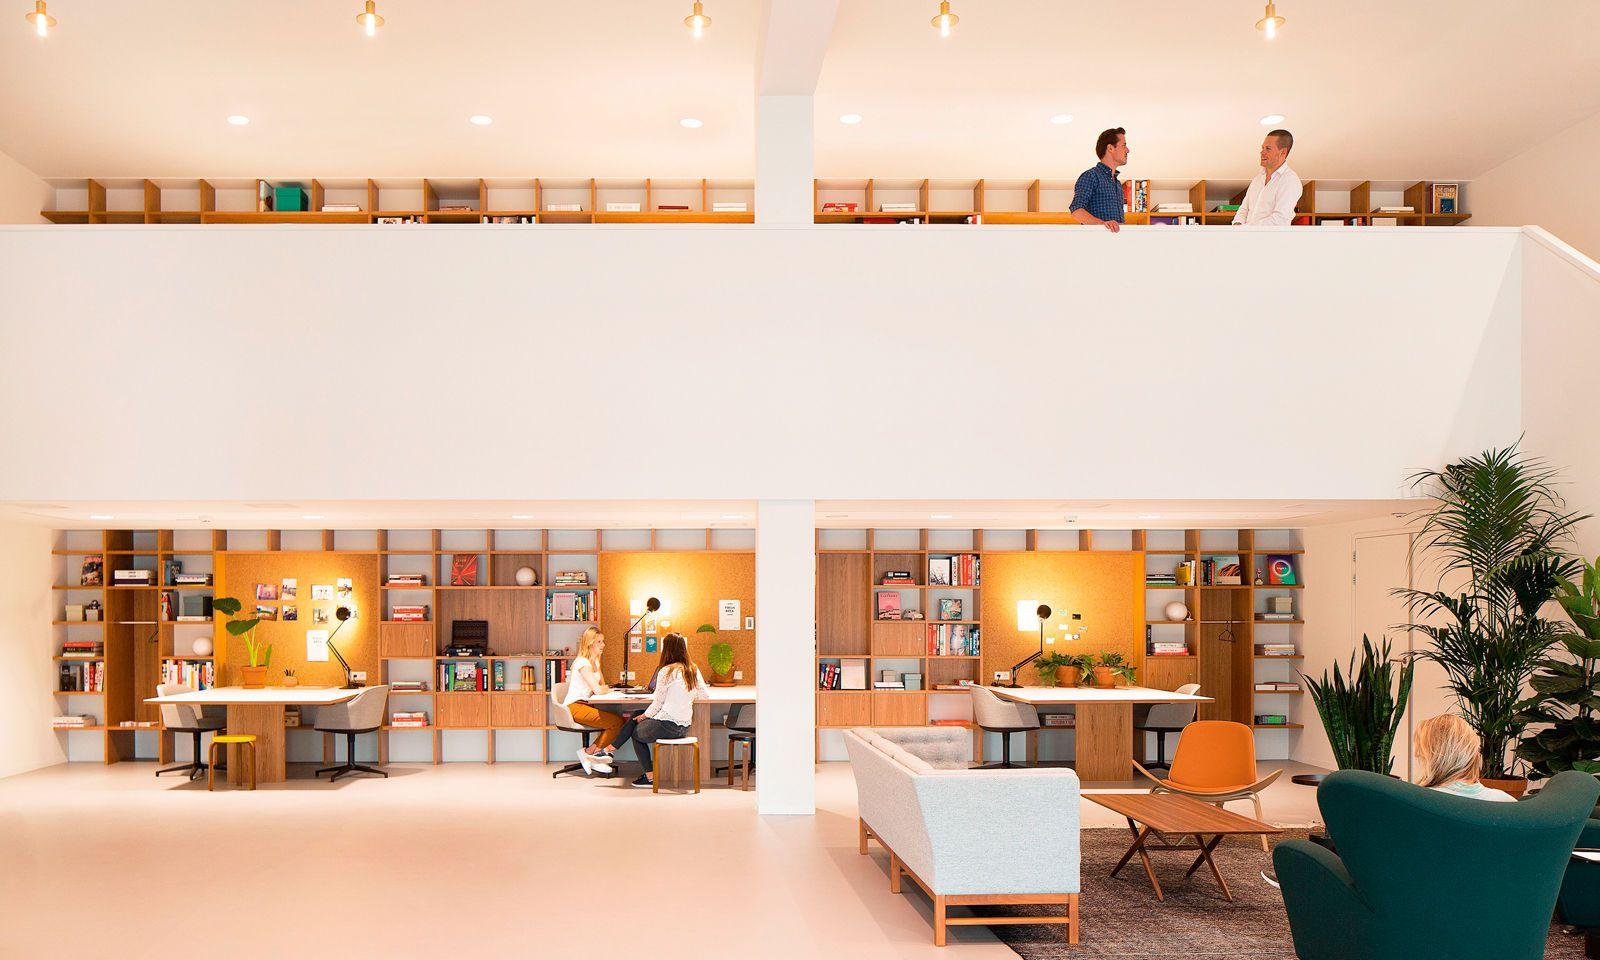 Weltweiter Trend: Licht und Ton als Raumgestalter, hier in Bangkok (Coworking Spaces).